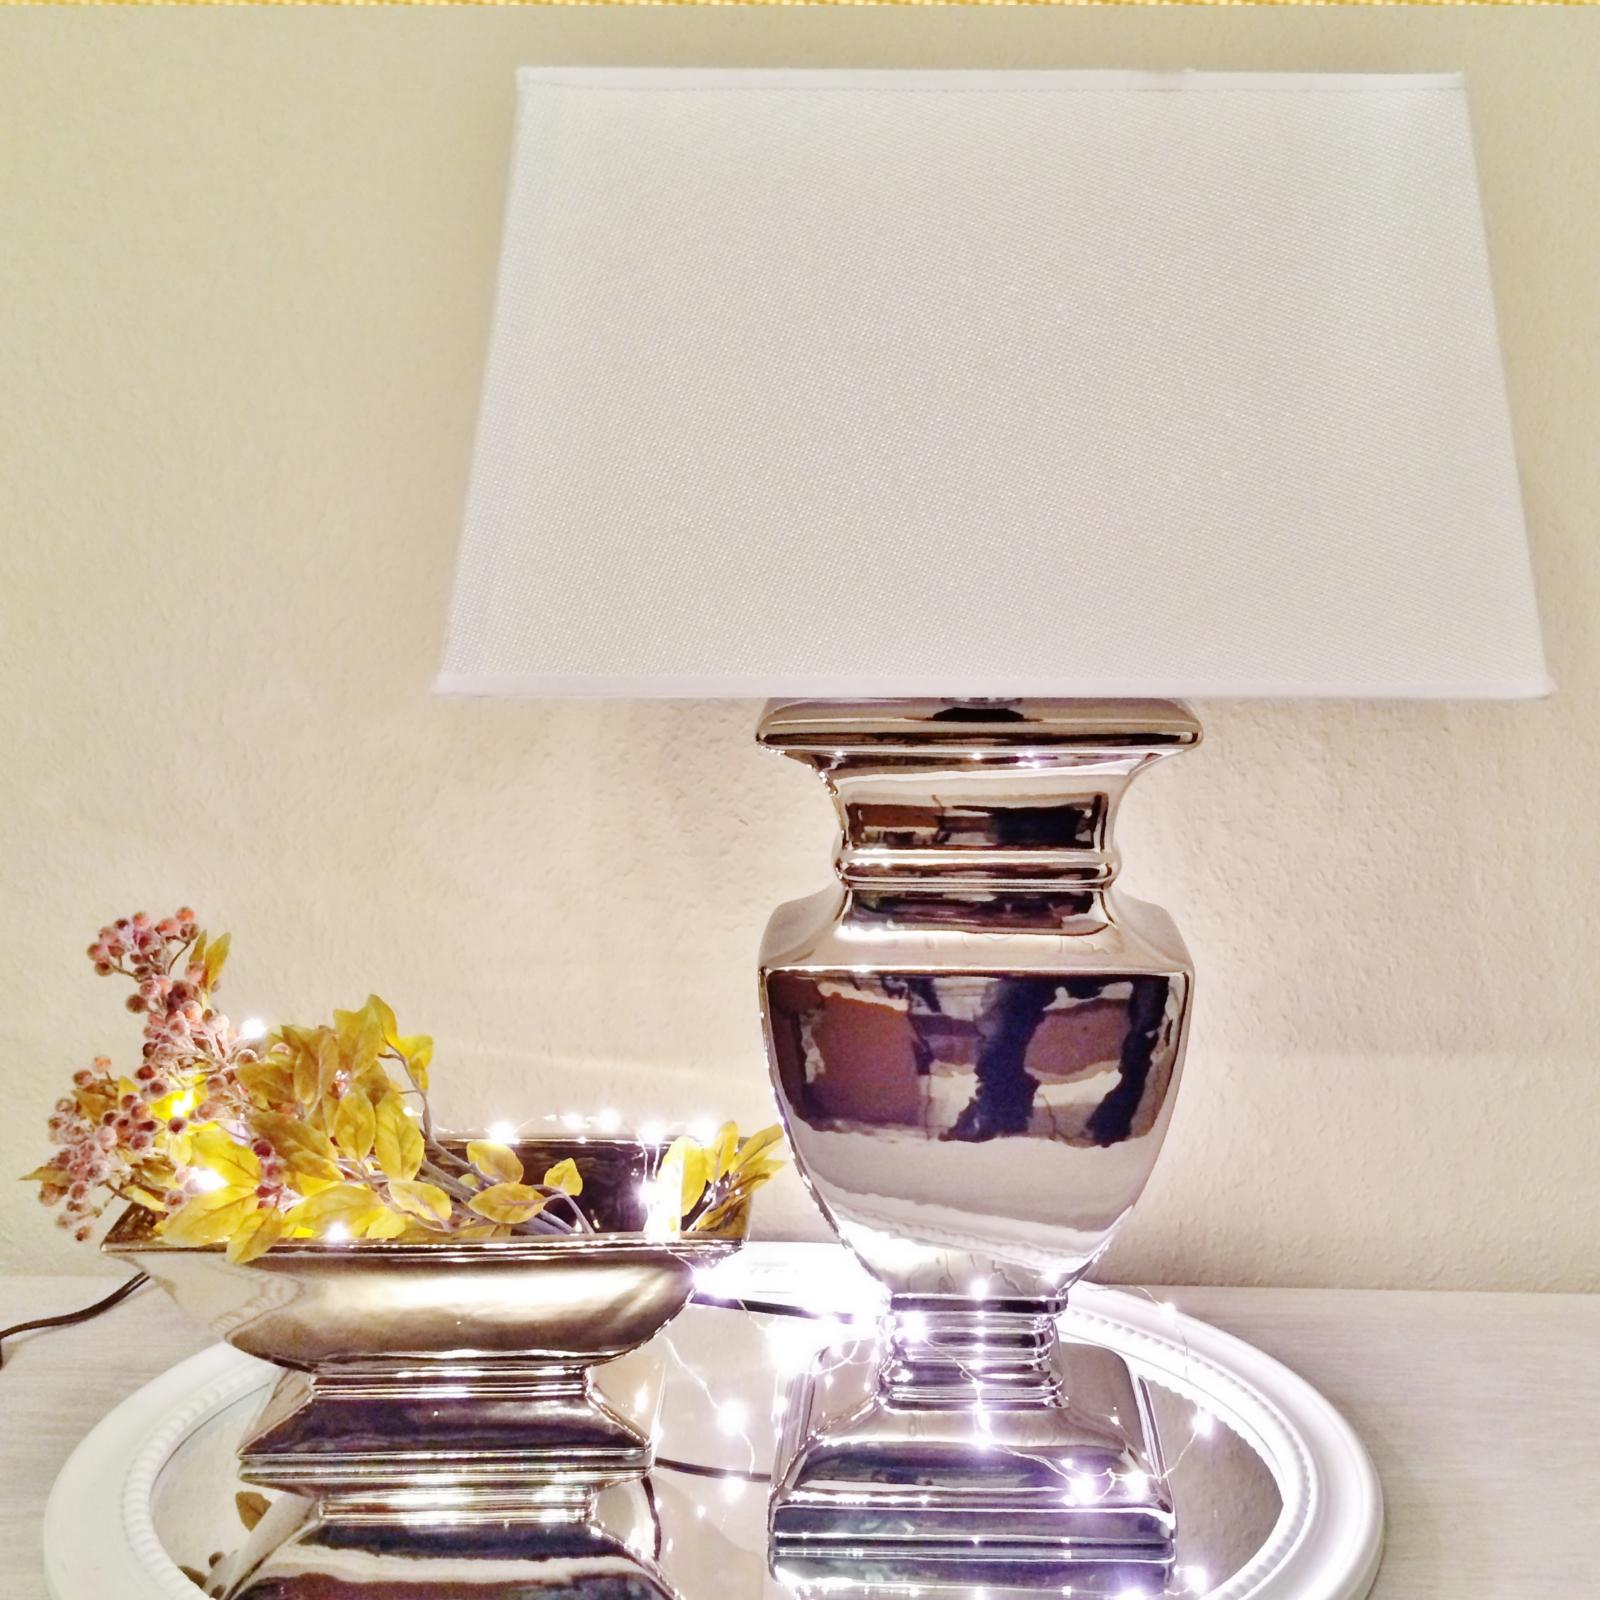 59 cm tischlampe wei shabby chic tischleuchte silber keramiklampe lampe leuchte ebay. Black Bedroom Furniture Sets. Home Design Ideas